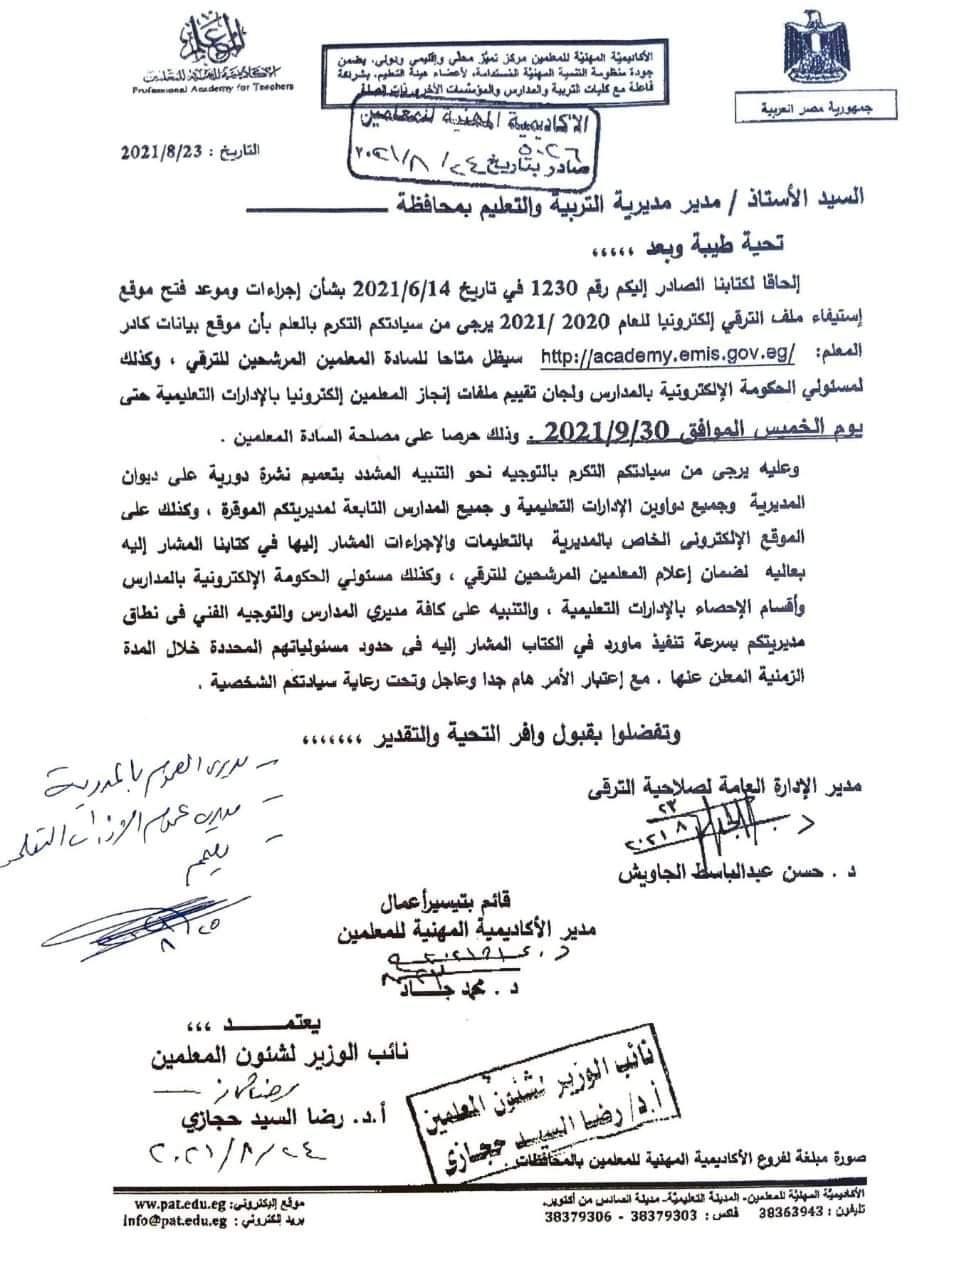 مد فترة اسيفاء للترقى للمعلمين حتى 30/9/2021 24014810